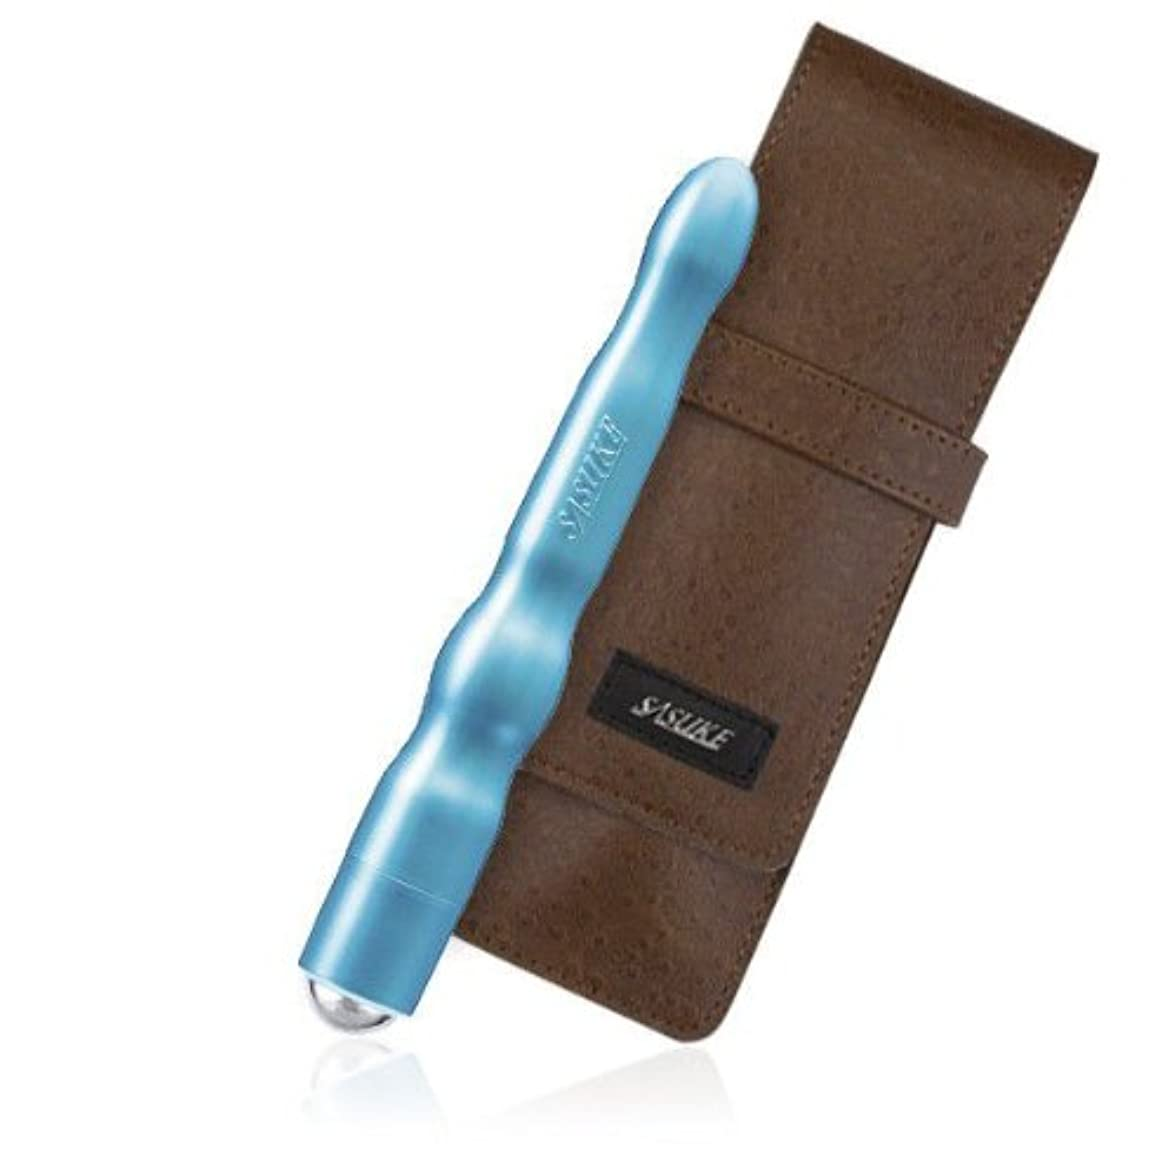 消毒する購入協会SASUKE ツボ押しローラー (ヒーリングブルー)+ 専用ケース (クラッシックブラウン)セット